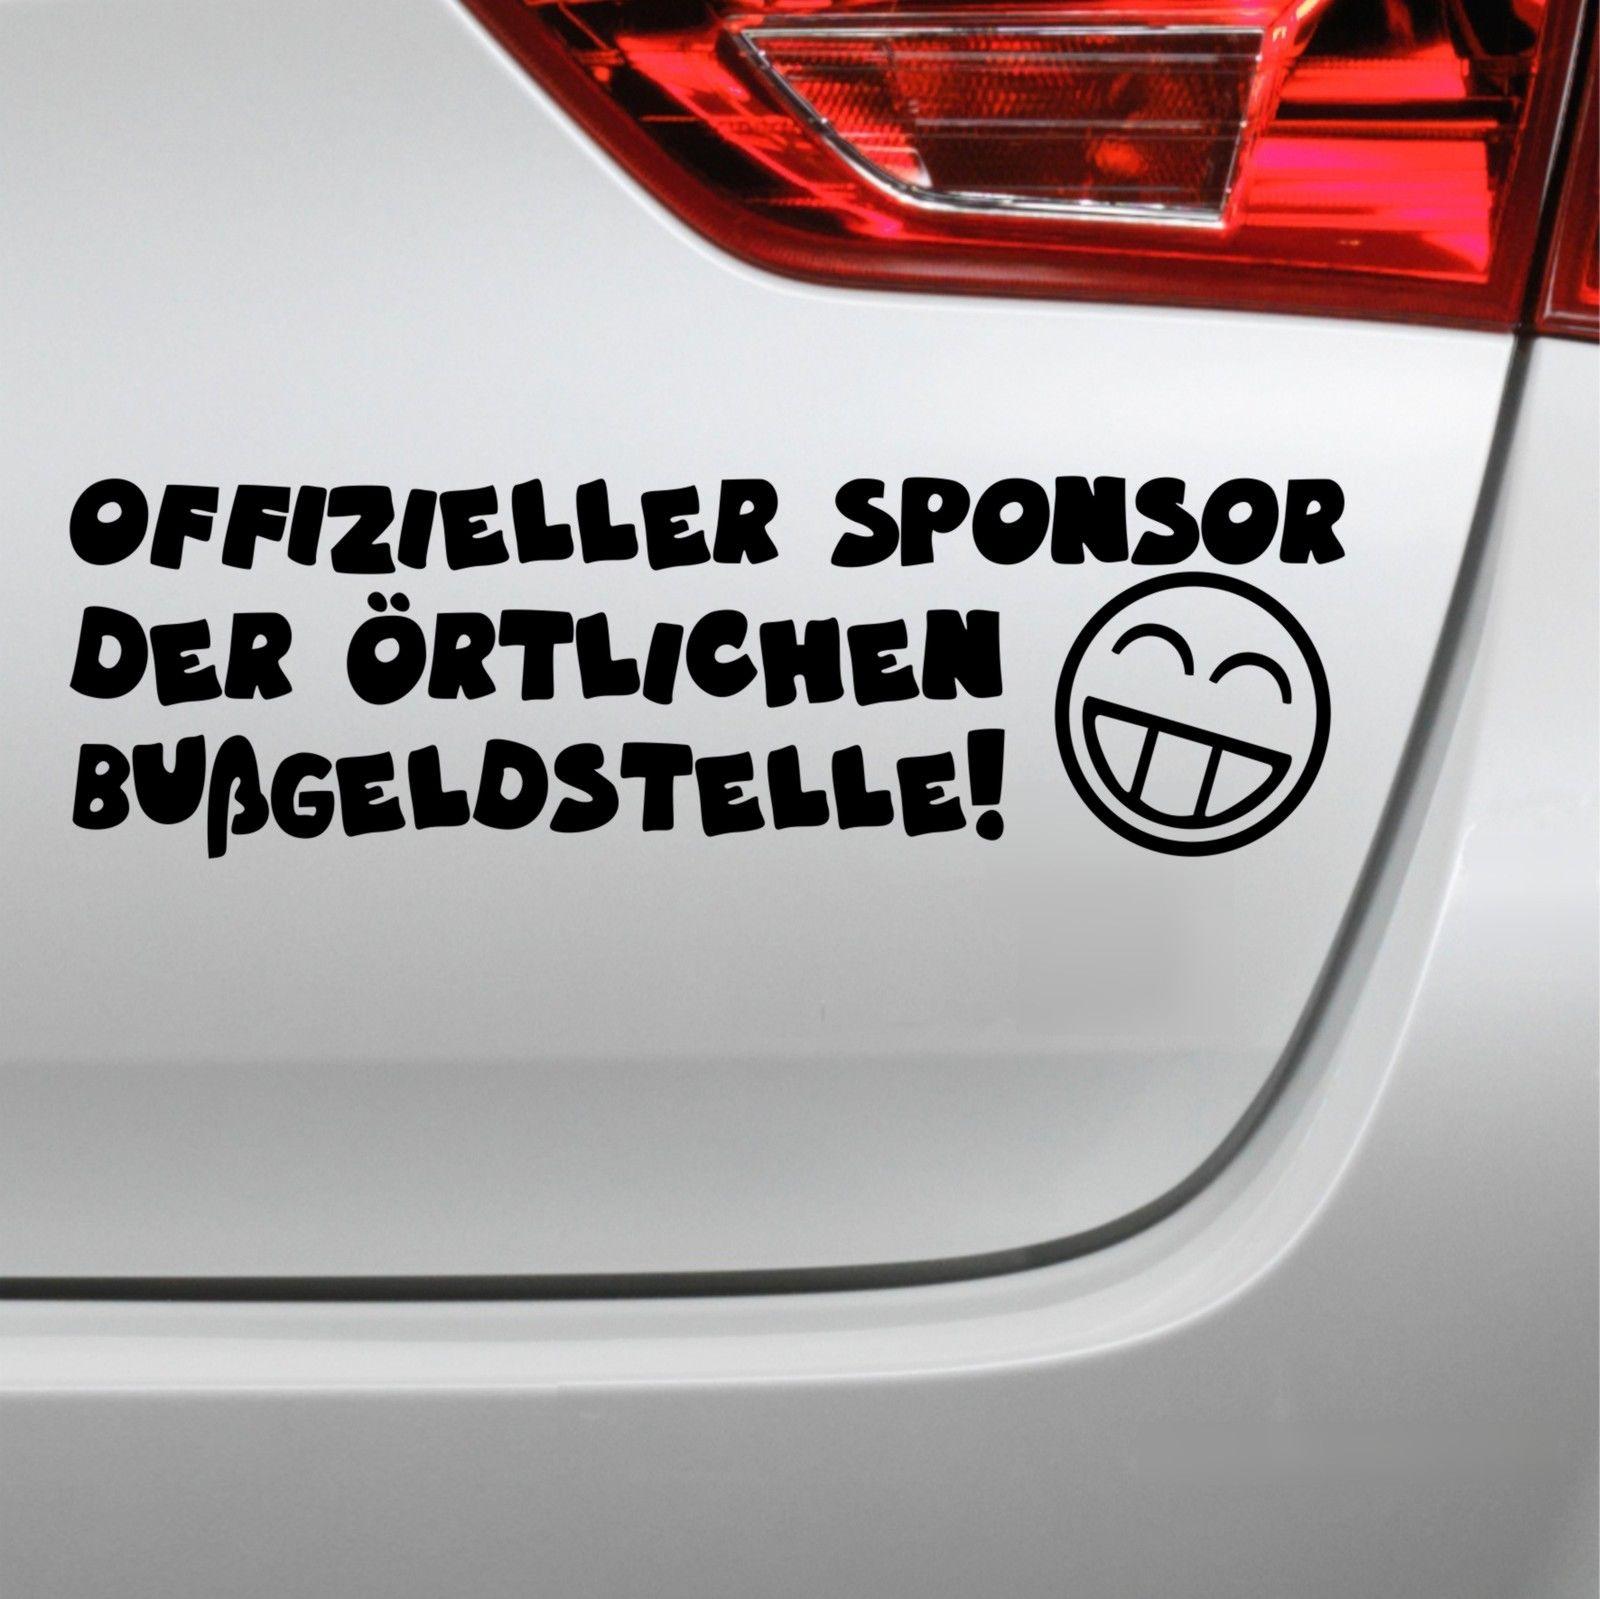 Auto Aufkleber Offizieller Sponsor Fun Spruch Sticker Ebay